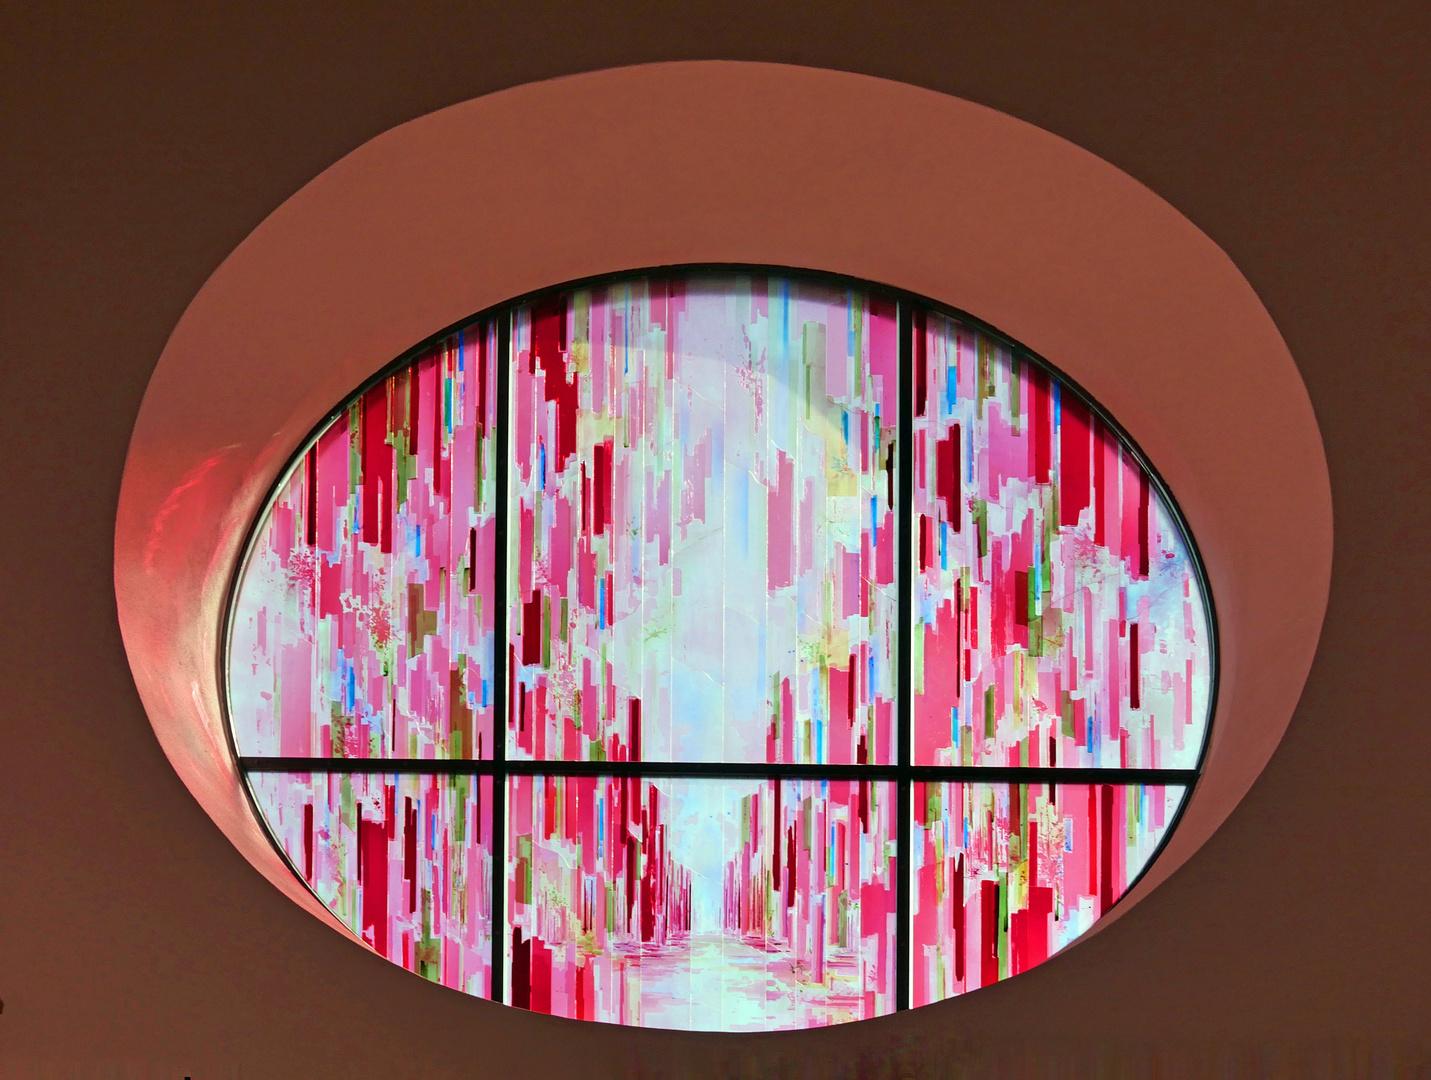 Full Size of Rosetten Fenster Der Christus Kirche Kln Foto Bild World Online Konfigurator Bodentiefe Ebay Köln Mit Eingebauten Rolladen Sichtschutzfolien Für Fenster Fenster Köln